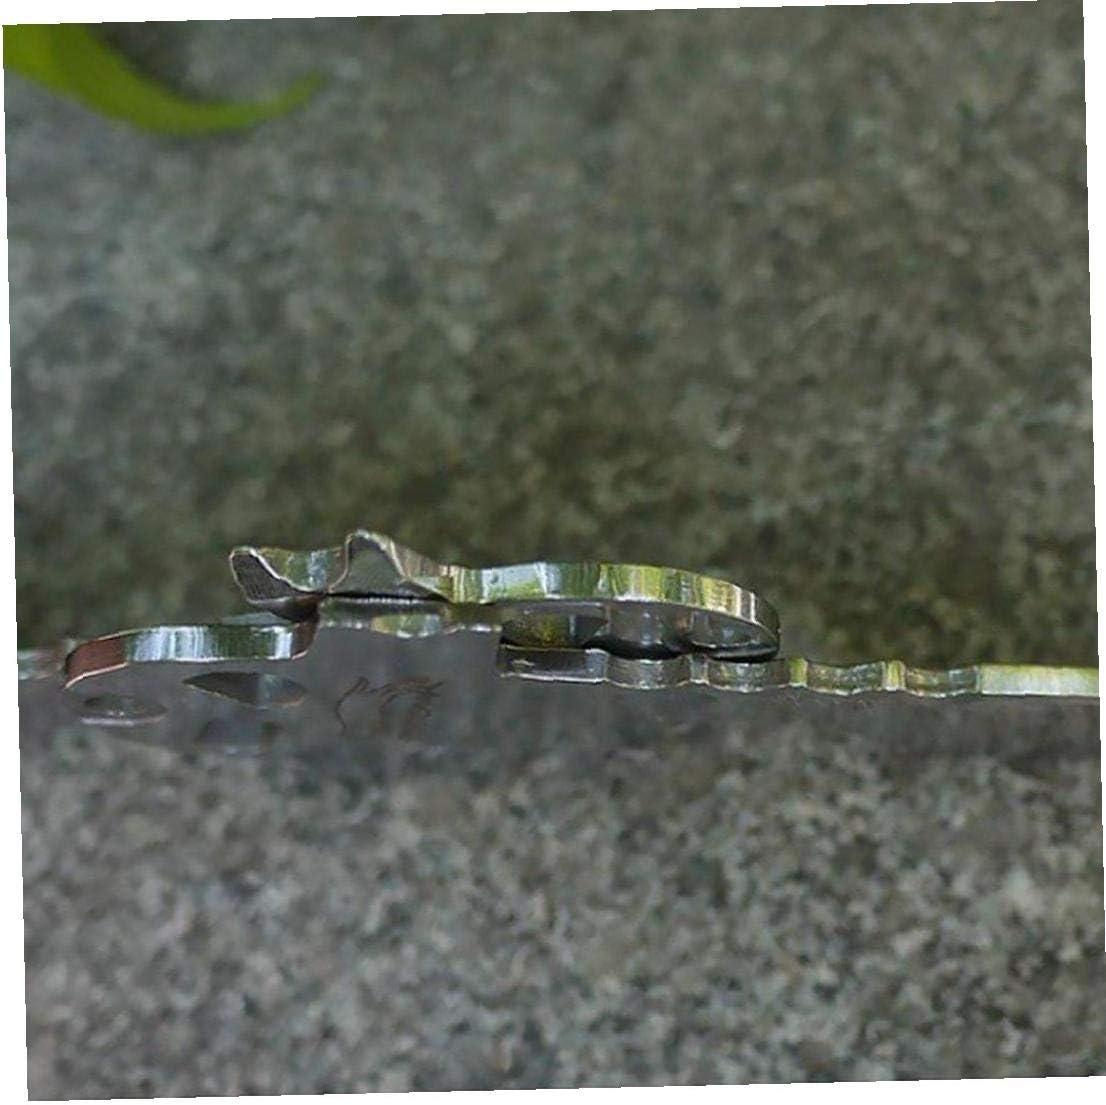 Suministros Key Ring Kit de Herramientas al Aire Libre Inoxidable Multi Bolsillo Gadget Utilidad EDC Llavero Exterior